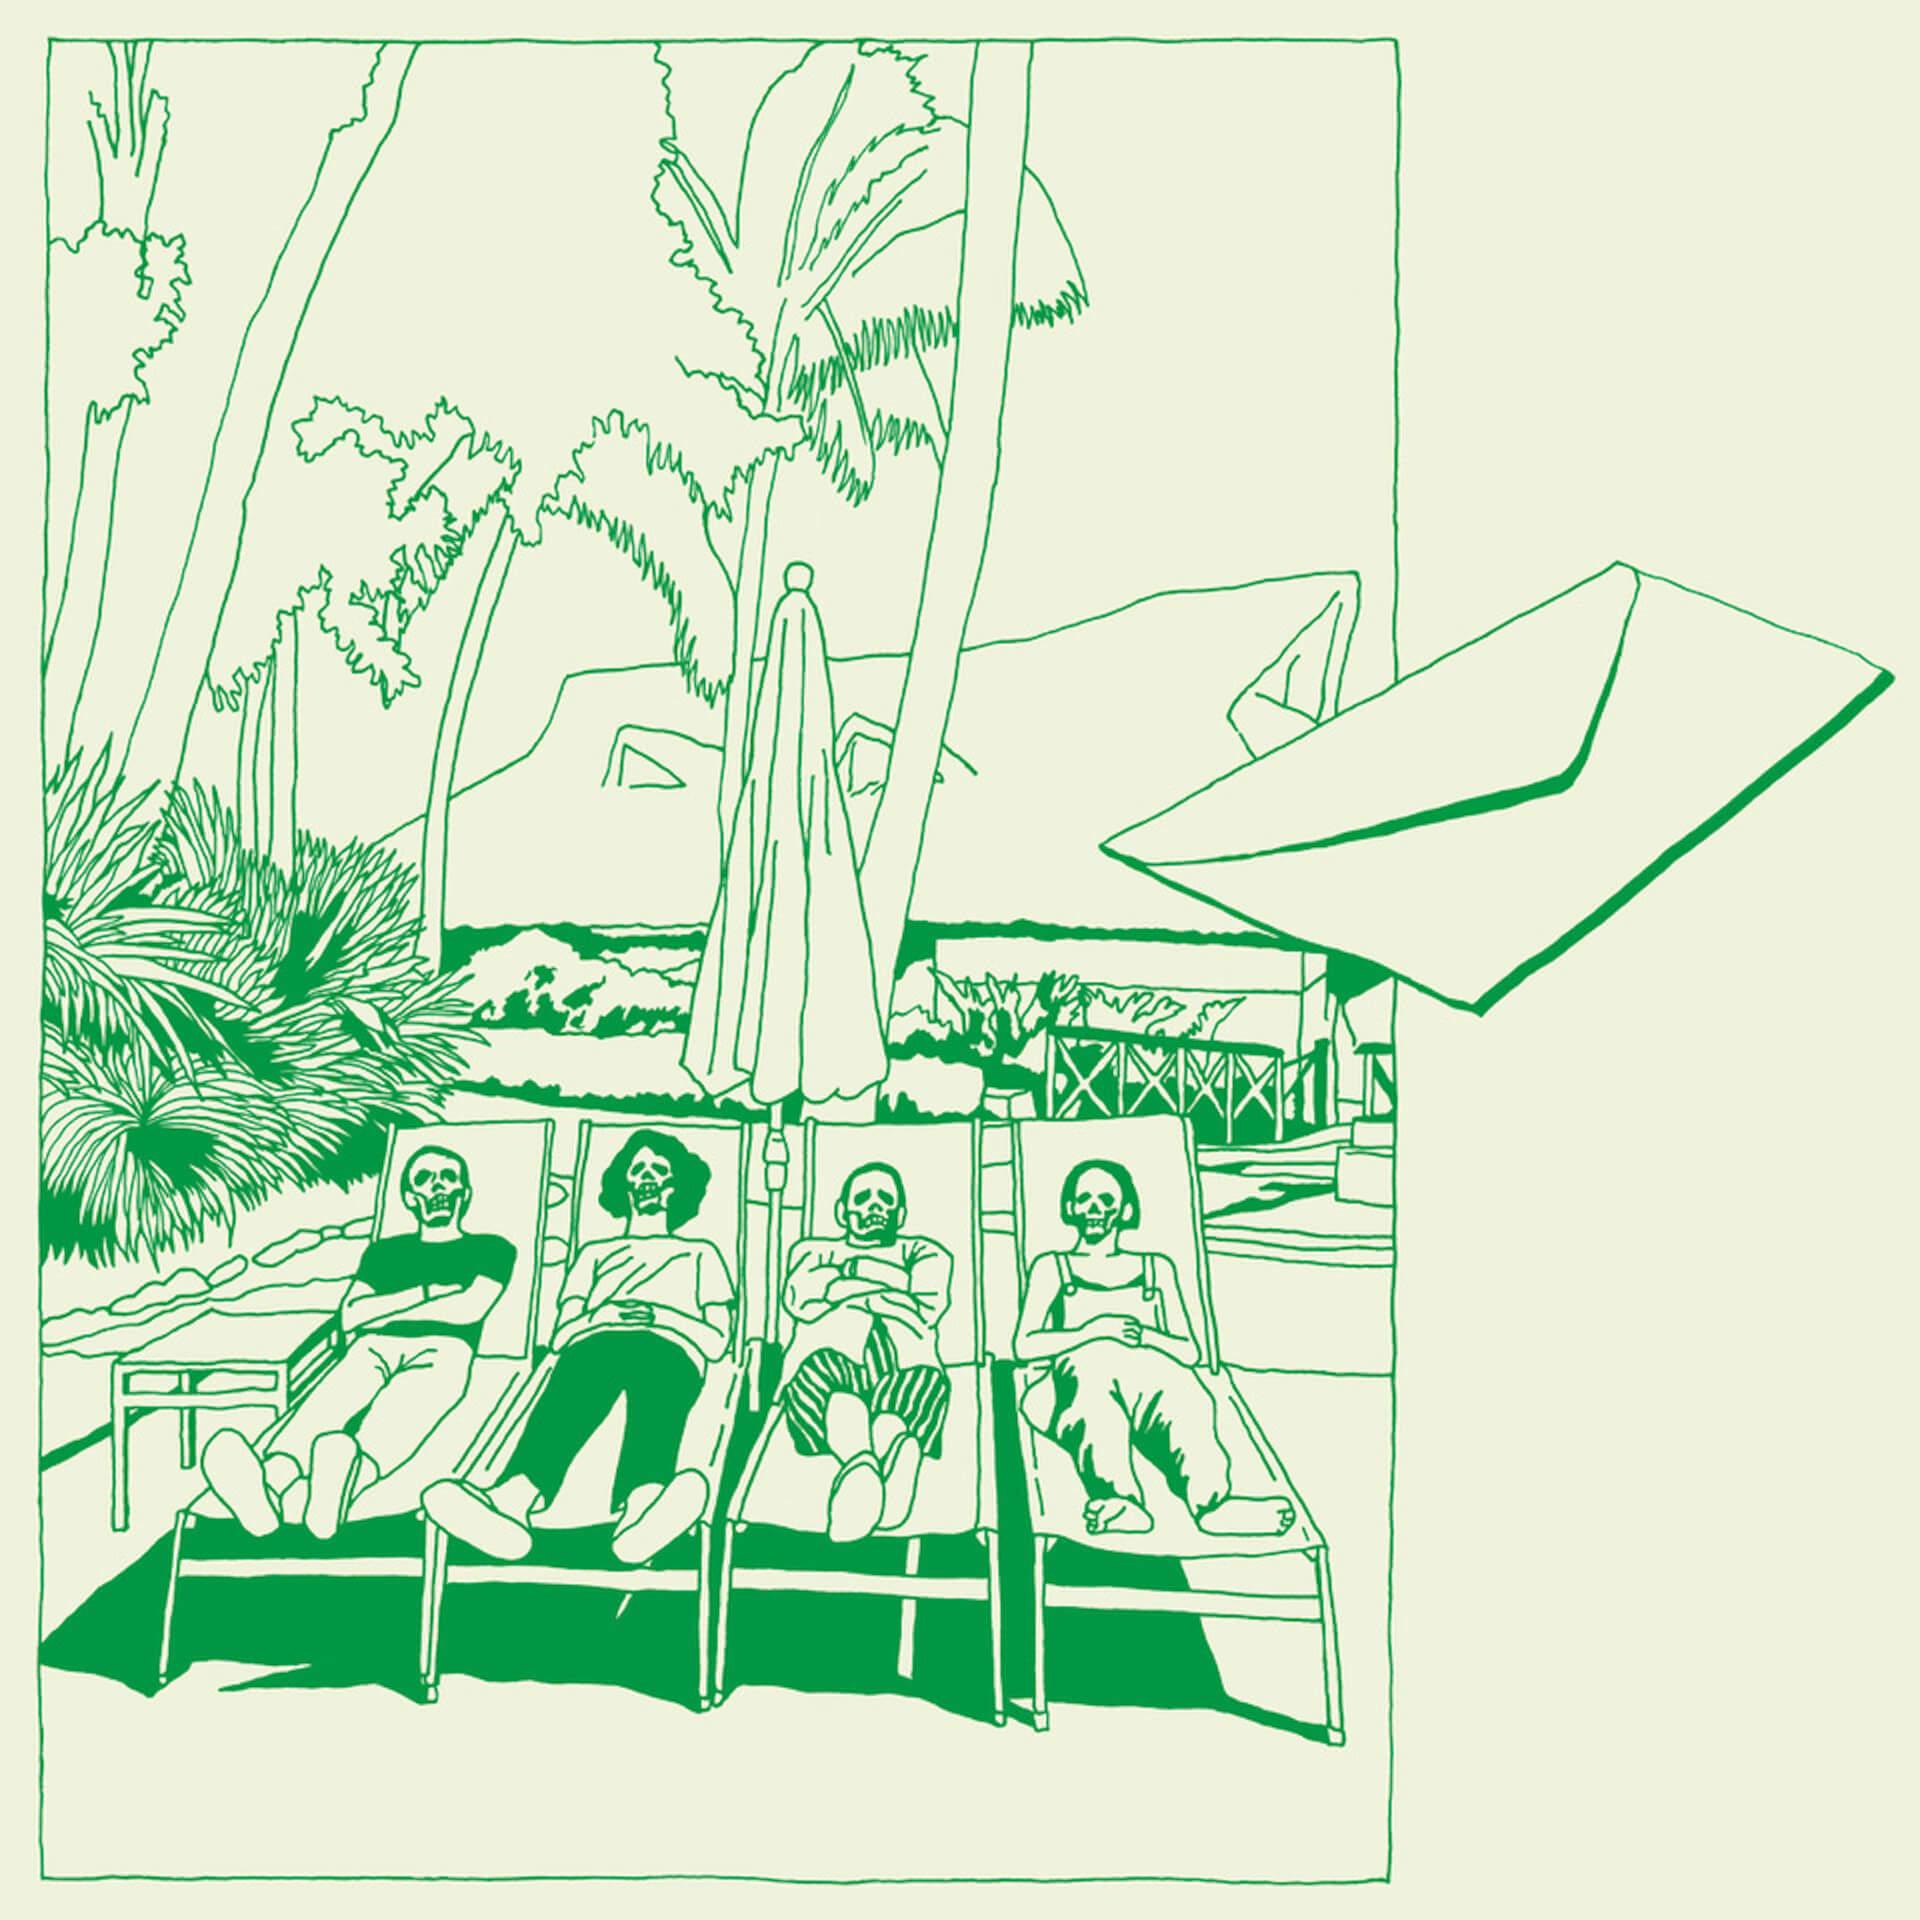 坂本慎太郎、極上のニューシングル「小舟」MV完成&フルバージョンが公開に|エディットはVIDEOTAPEMUSIC music190822-zelonerecord-sakamotoshintaro-3